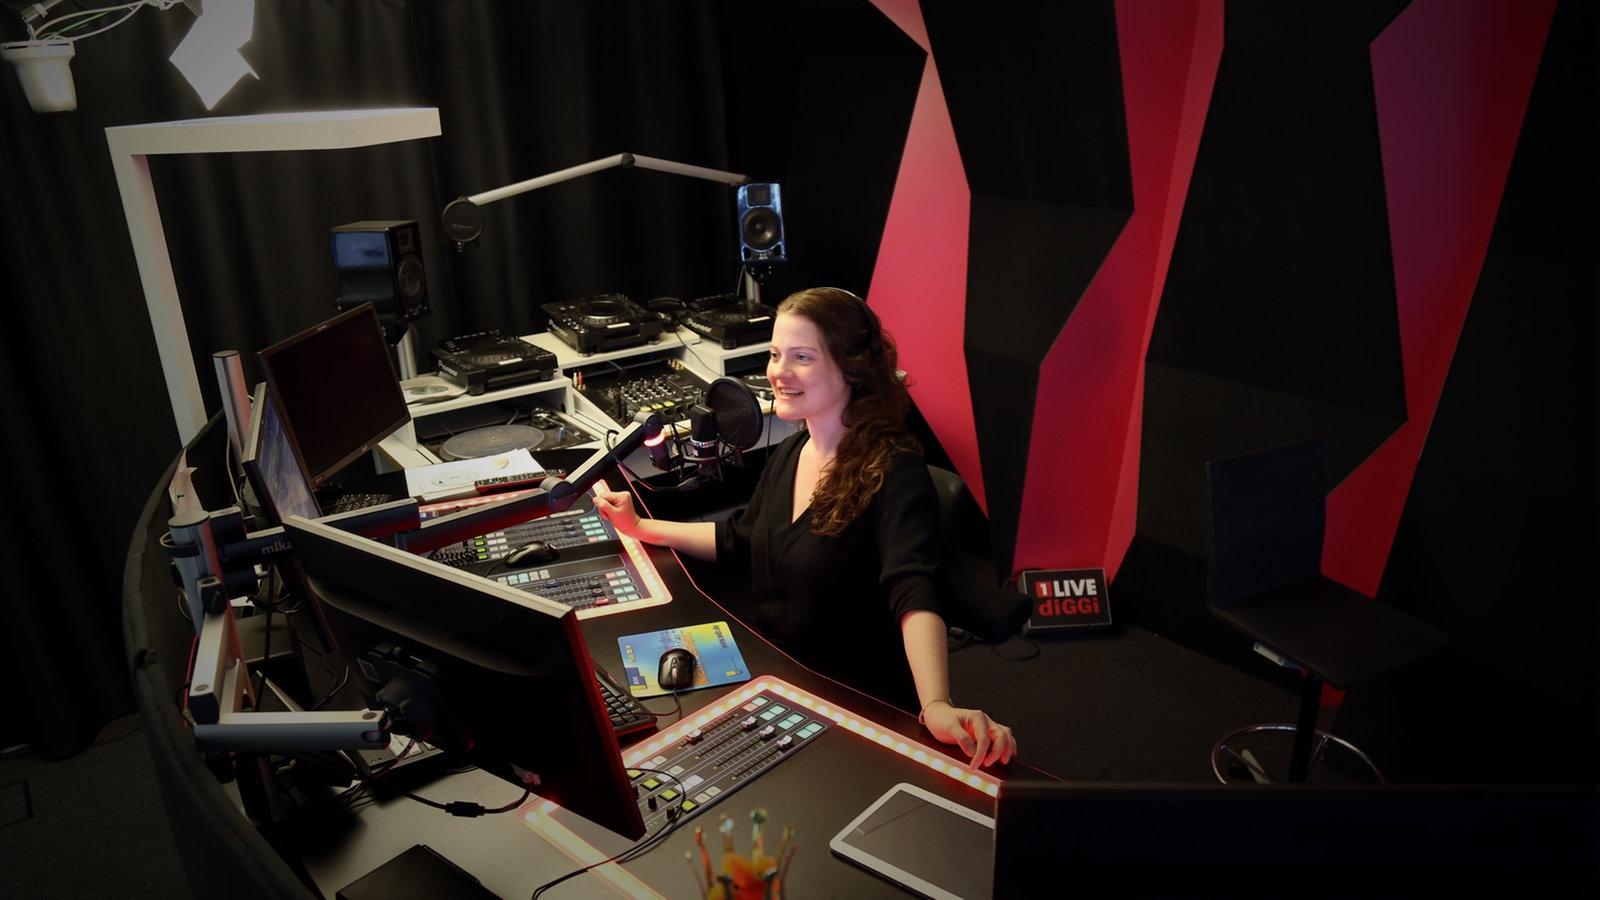 1 Live Studio